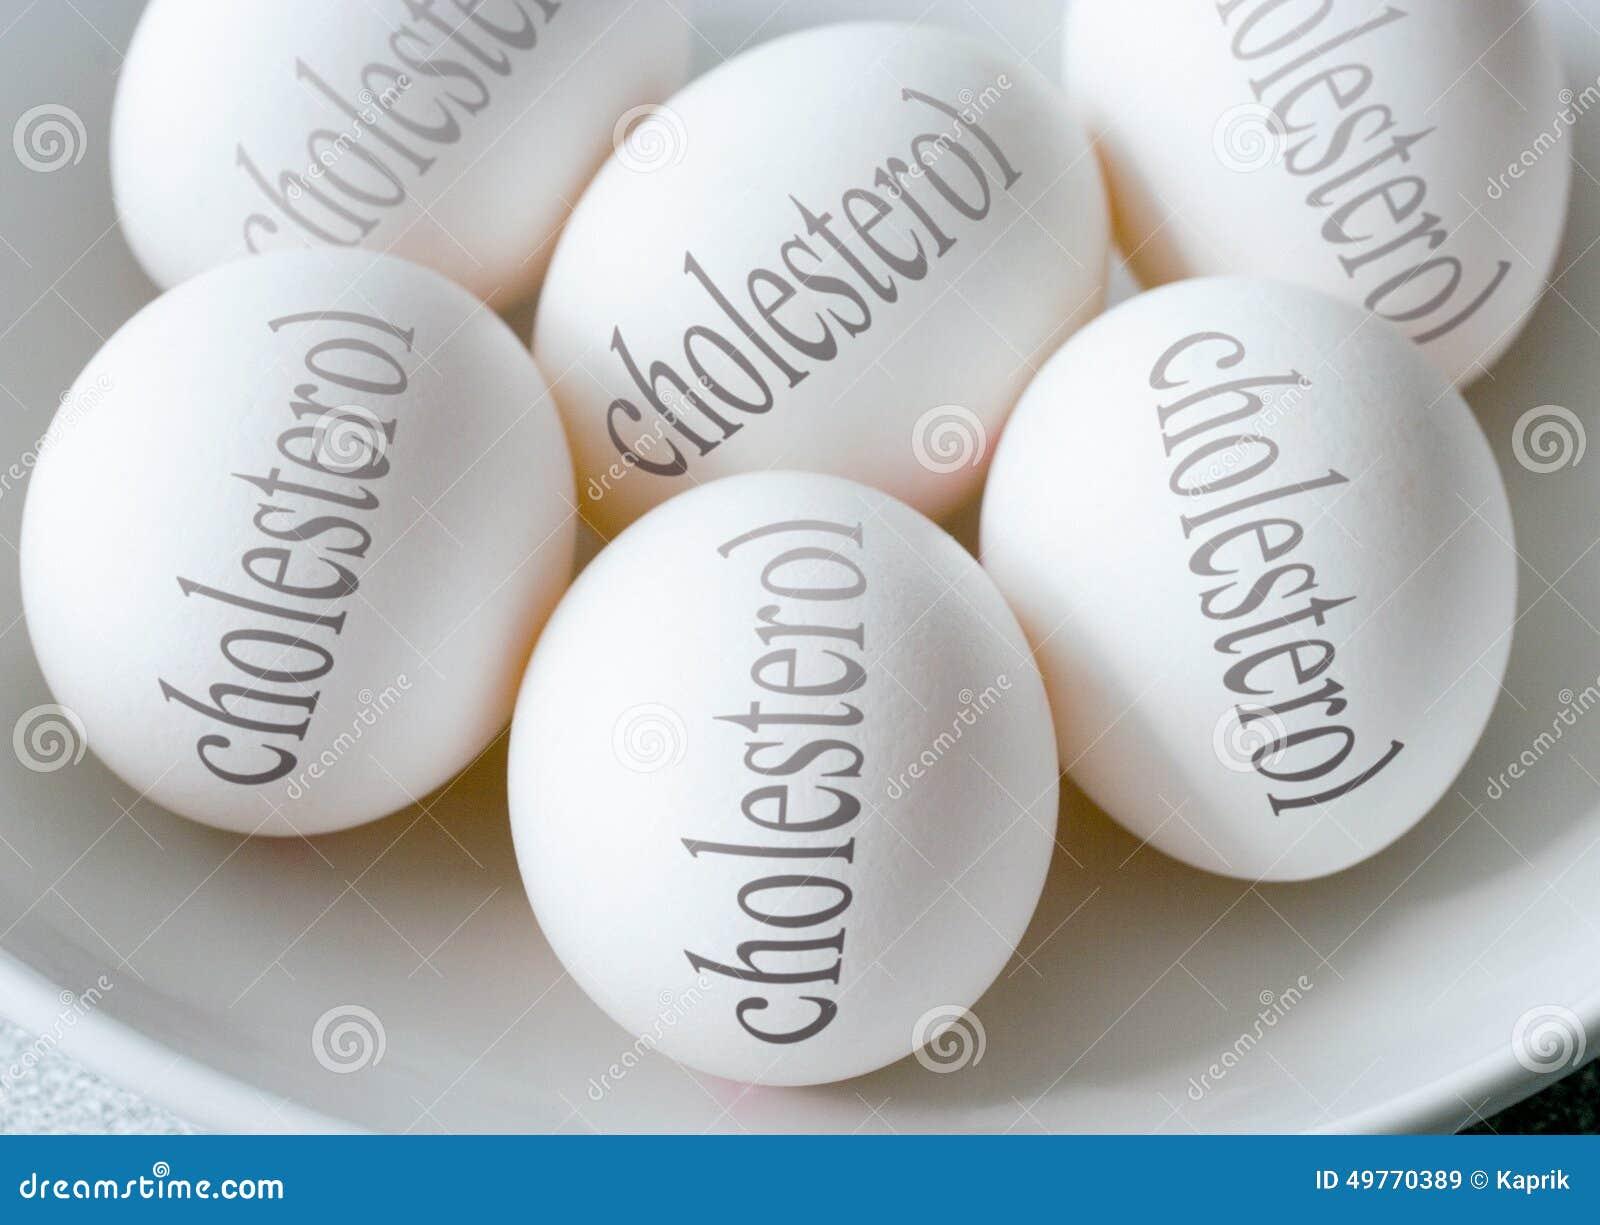 Os ovos brancos com colesterol text - a saúde e o estilo de vida saudável